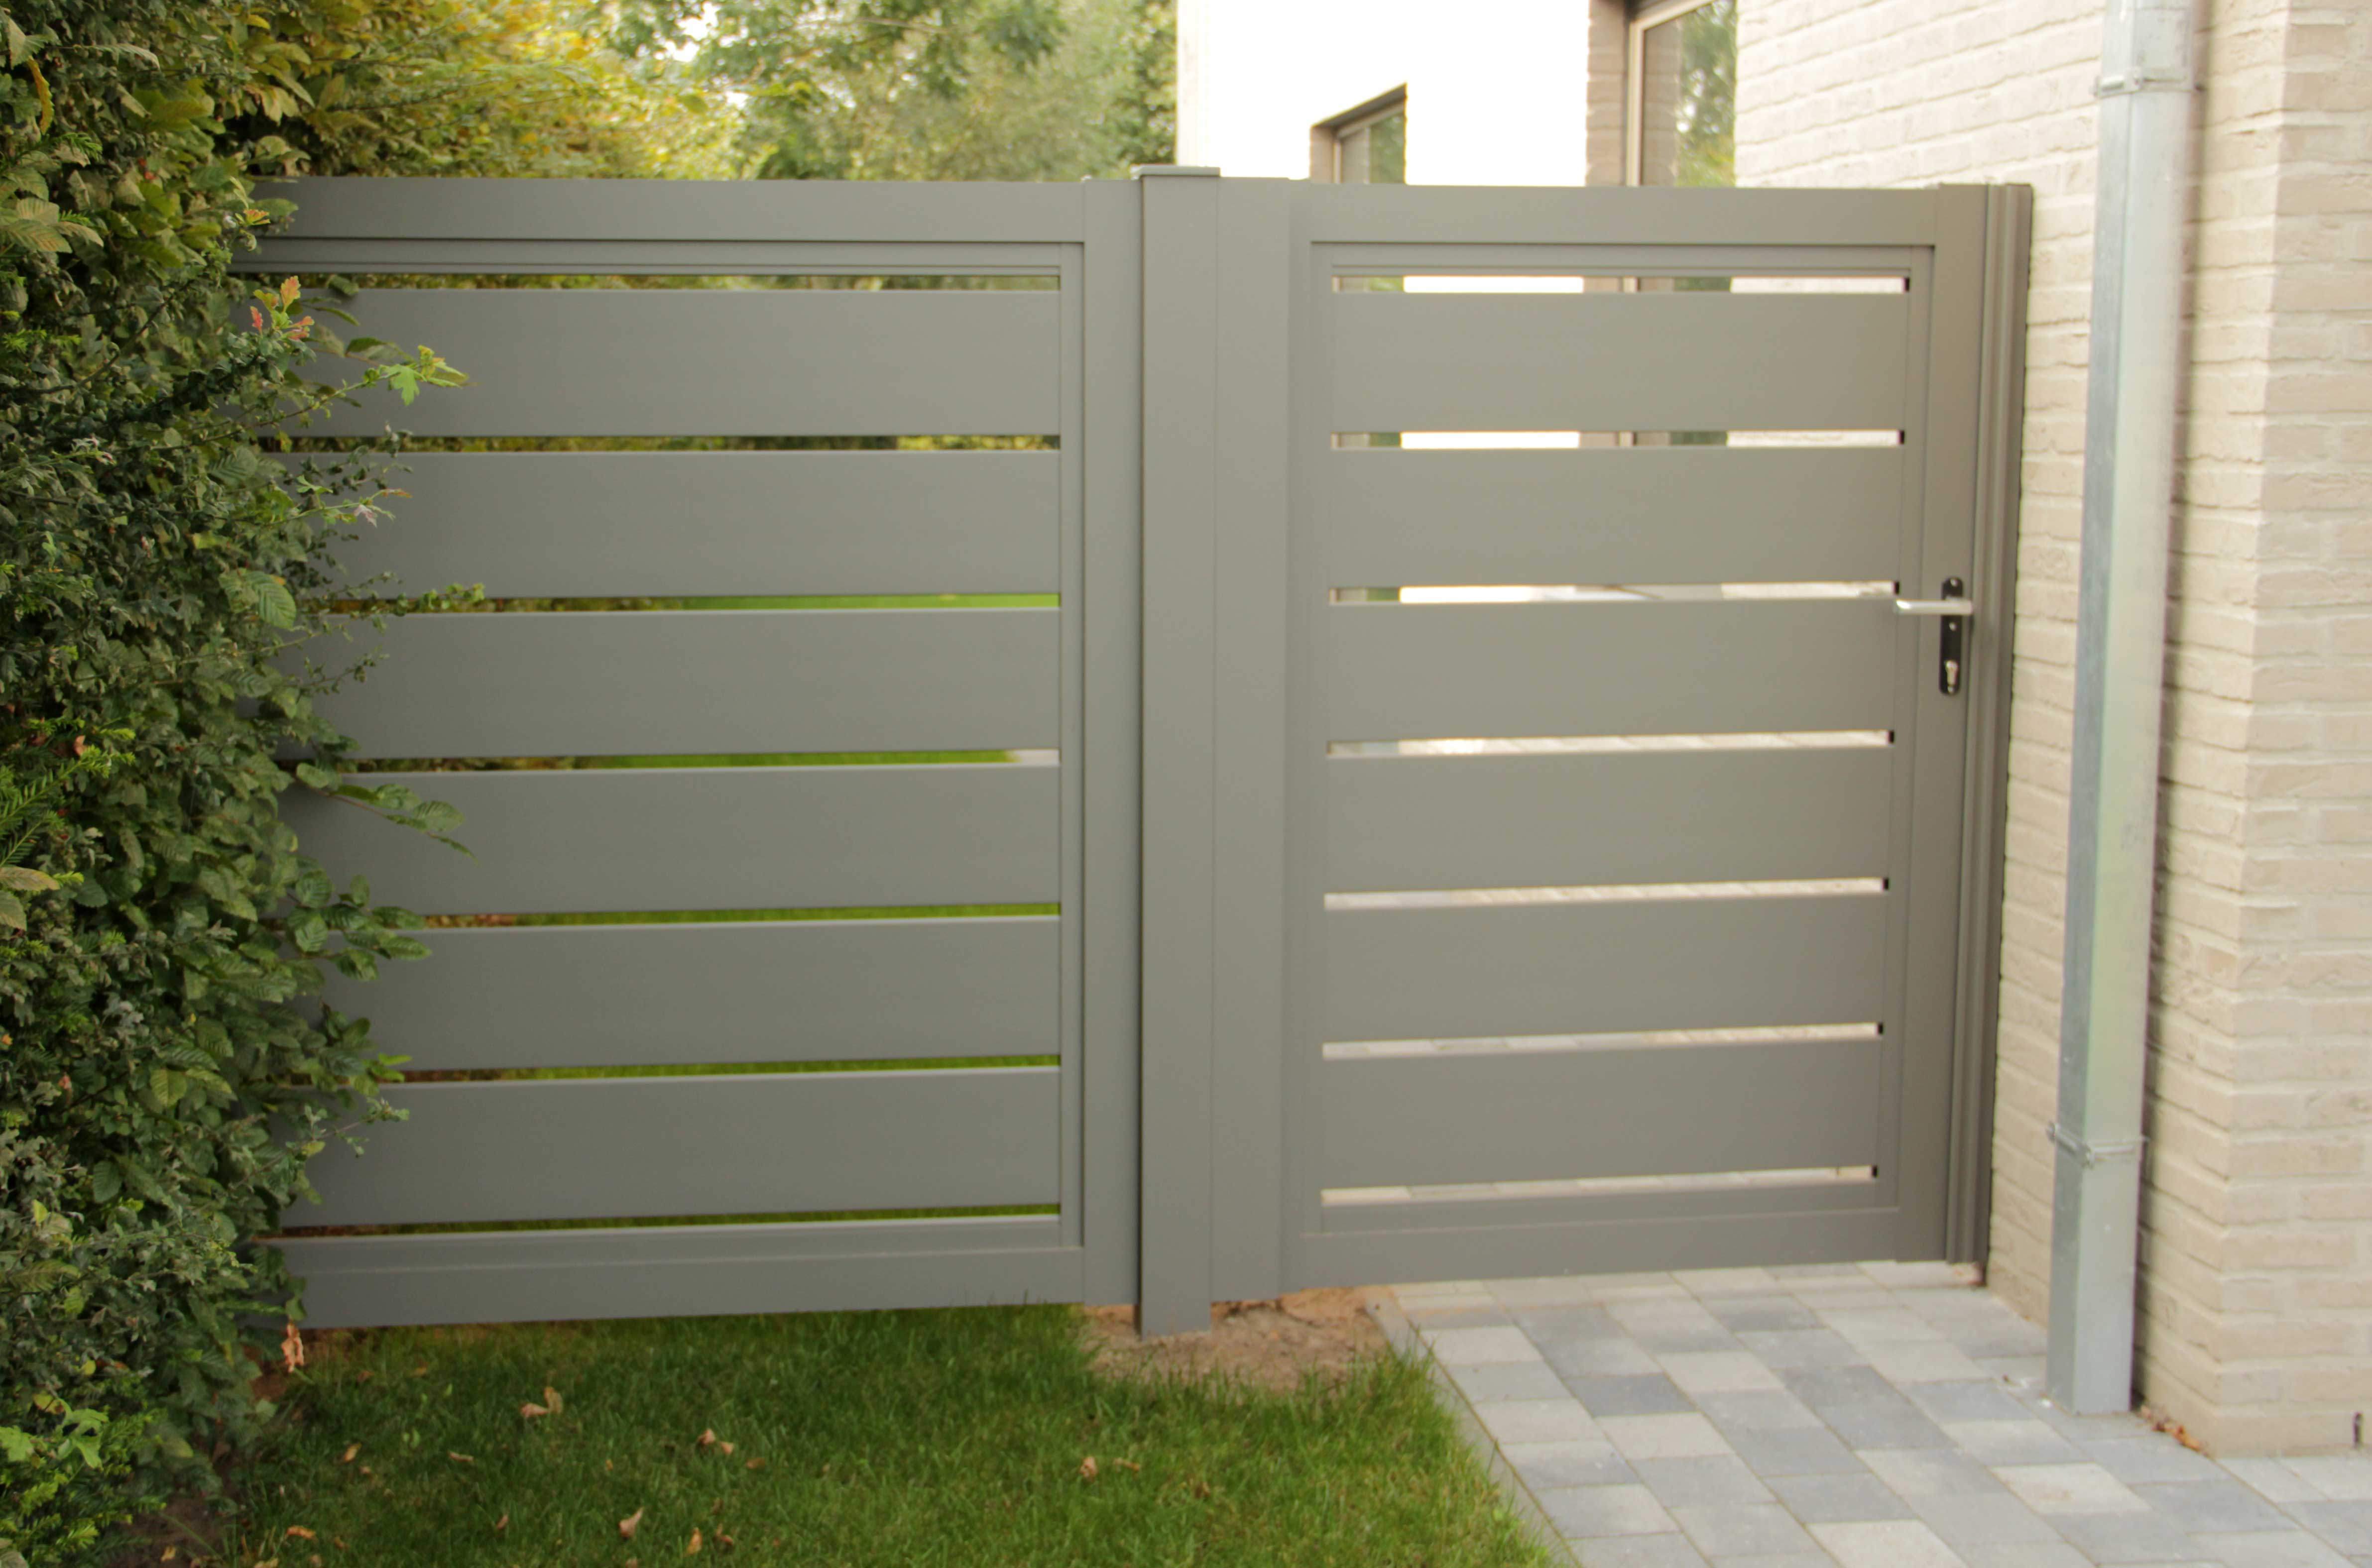 tuinpoort aluminium glenfid - Aluminium tuinpoorten/tuinpoortjes